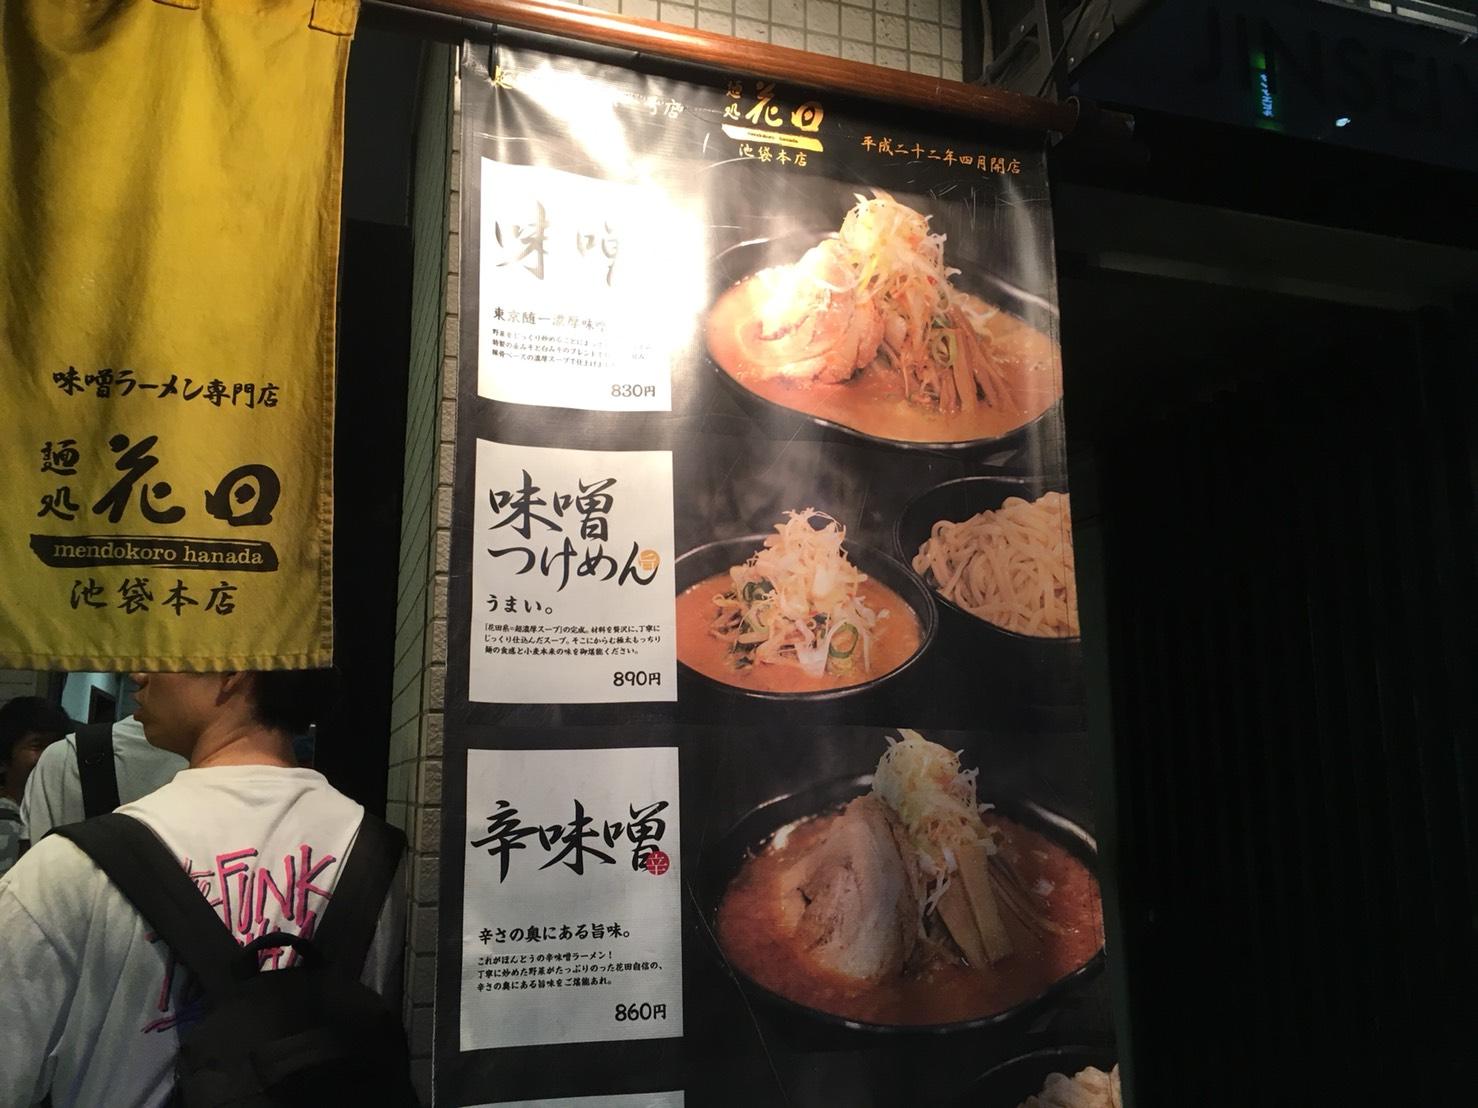 【池袋駅】常に行列!マッチョな味噌ラーメン「麺処 花田池袋店」の看板1